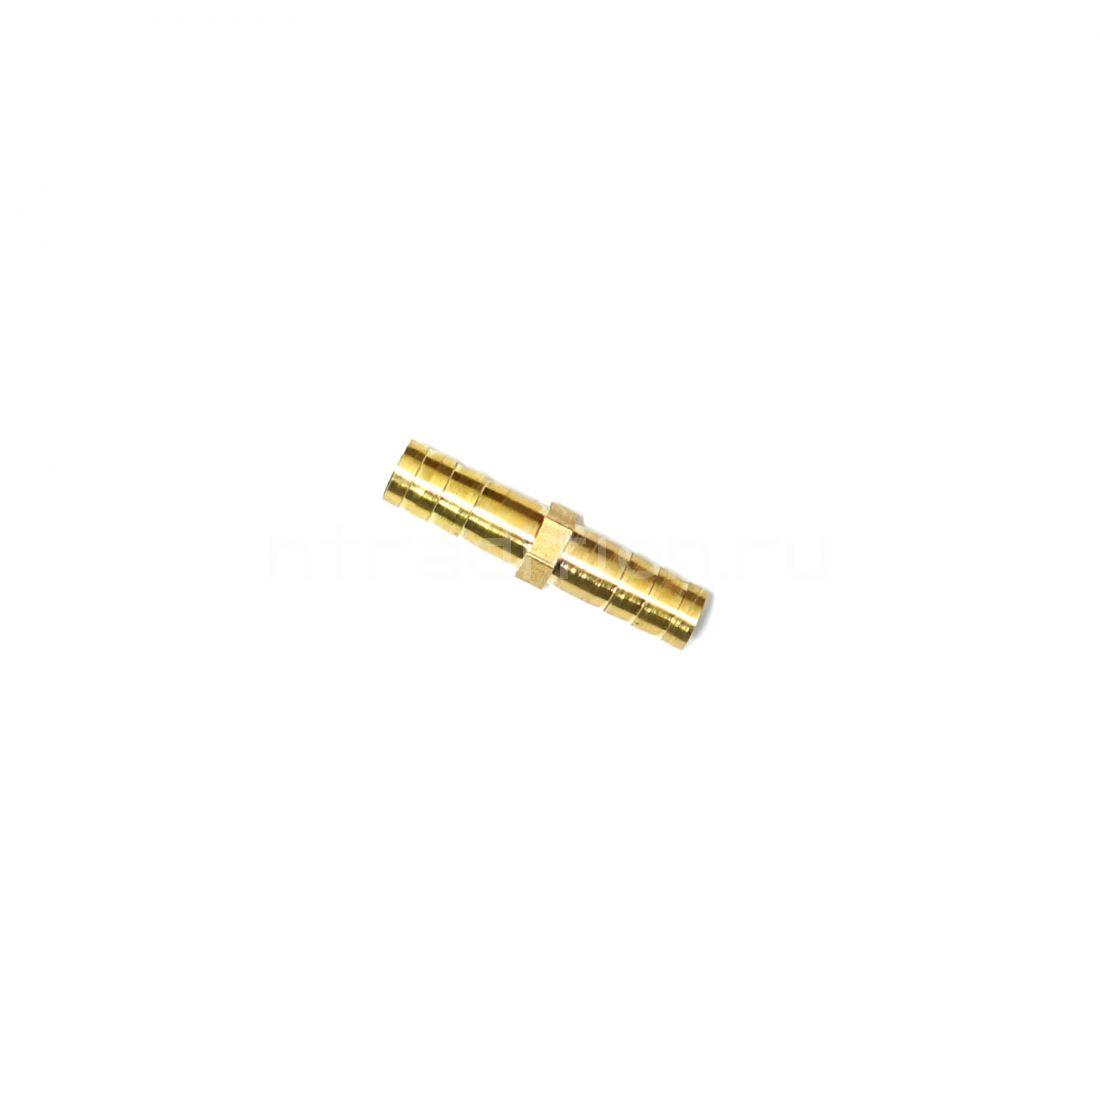 Штуцер-соединитель прямой, 8-8 мм